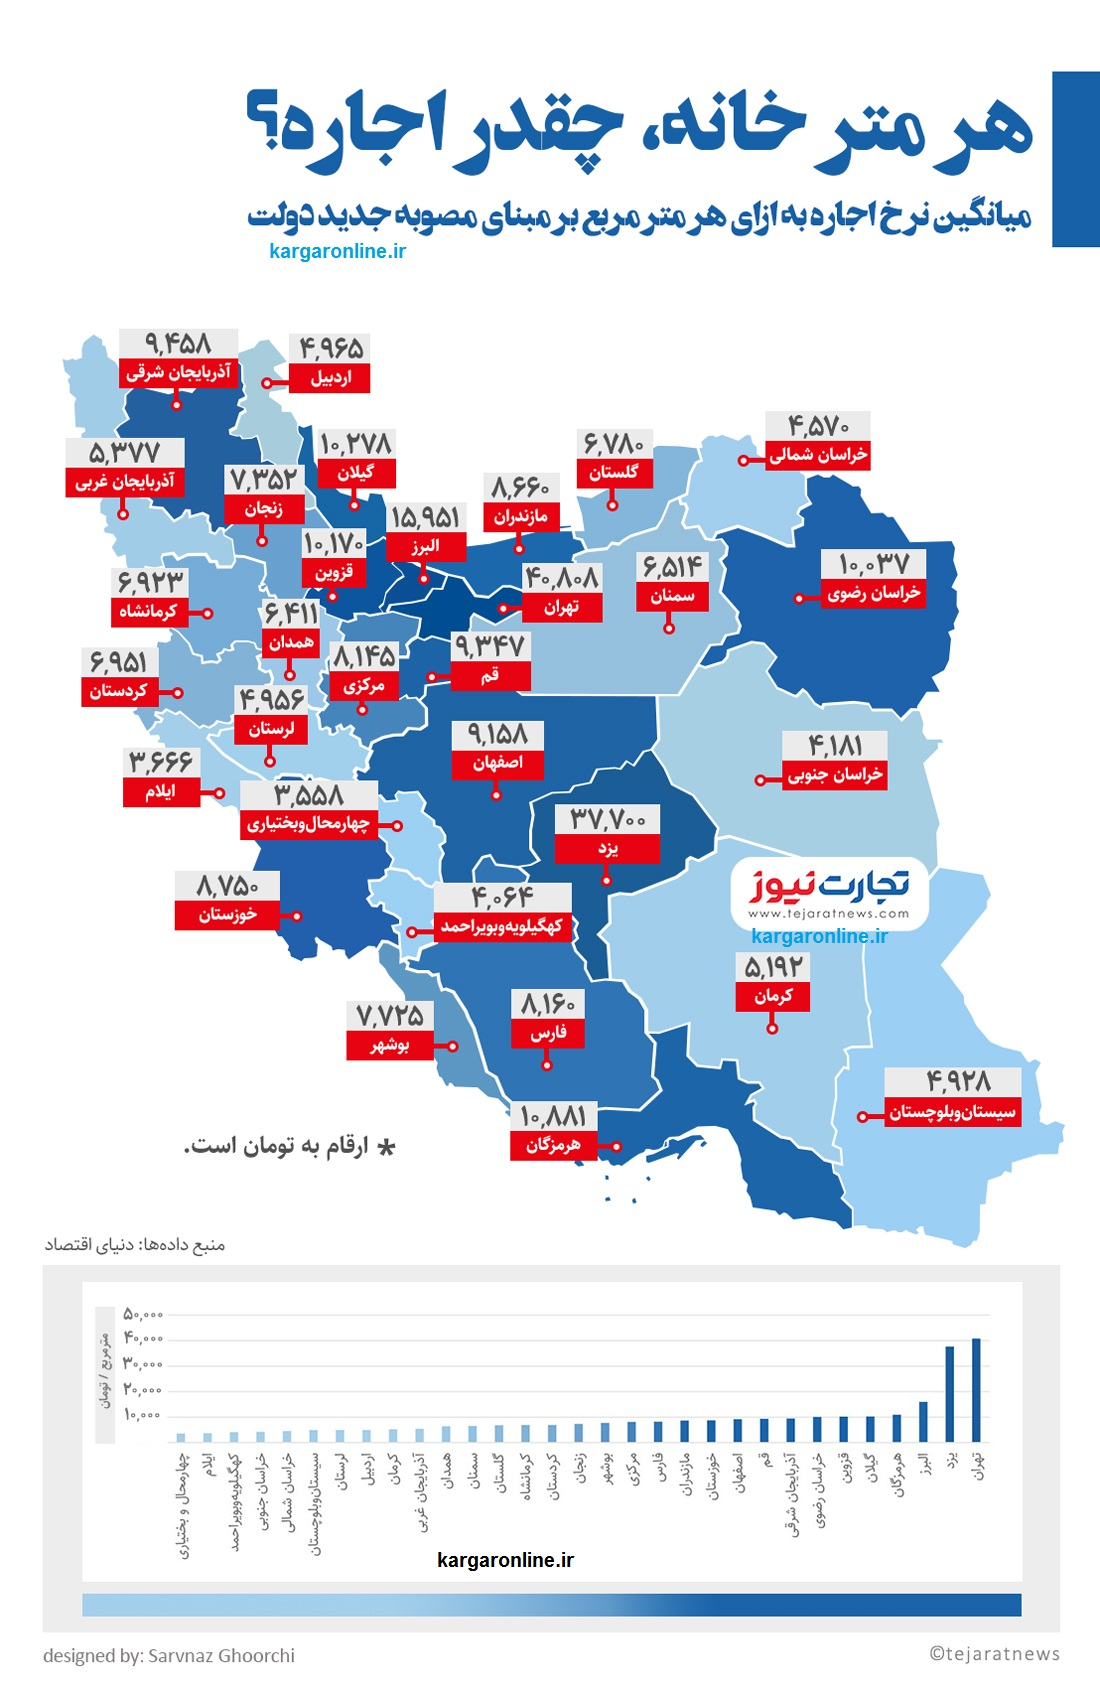 حداکثر اجاره بهای مسکن در ۳۱ استان اعلام شد (اینفوگرافیک)